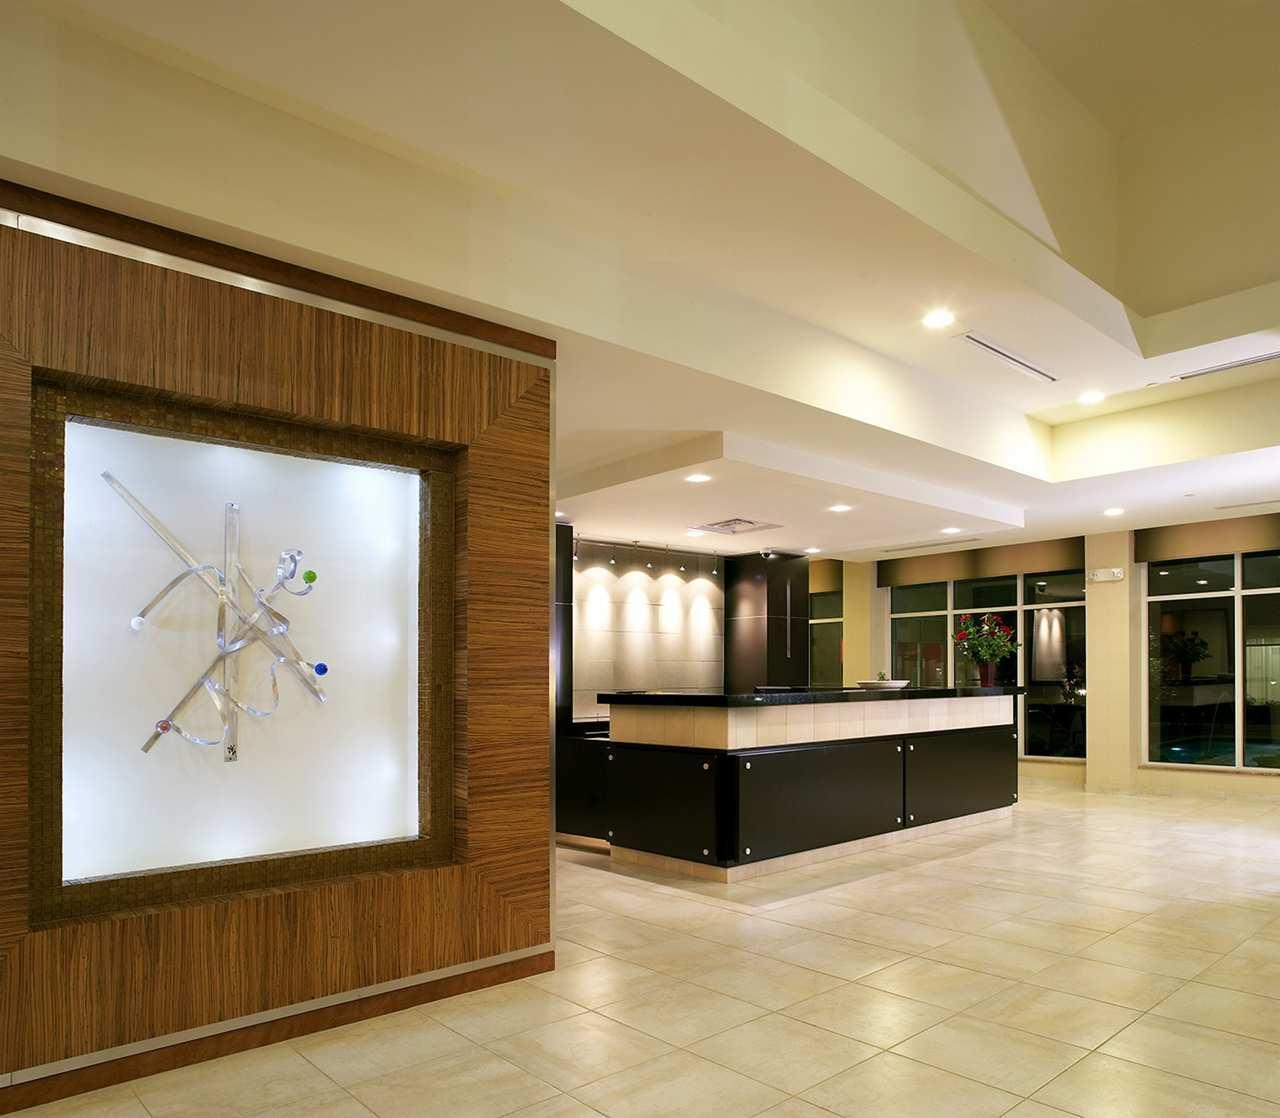 Hilton Garden Inn Dallas Arlington Arlington Tx Company Profile